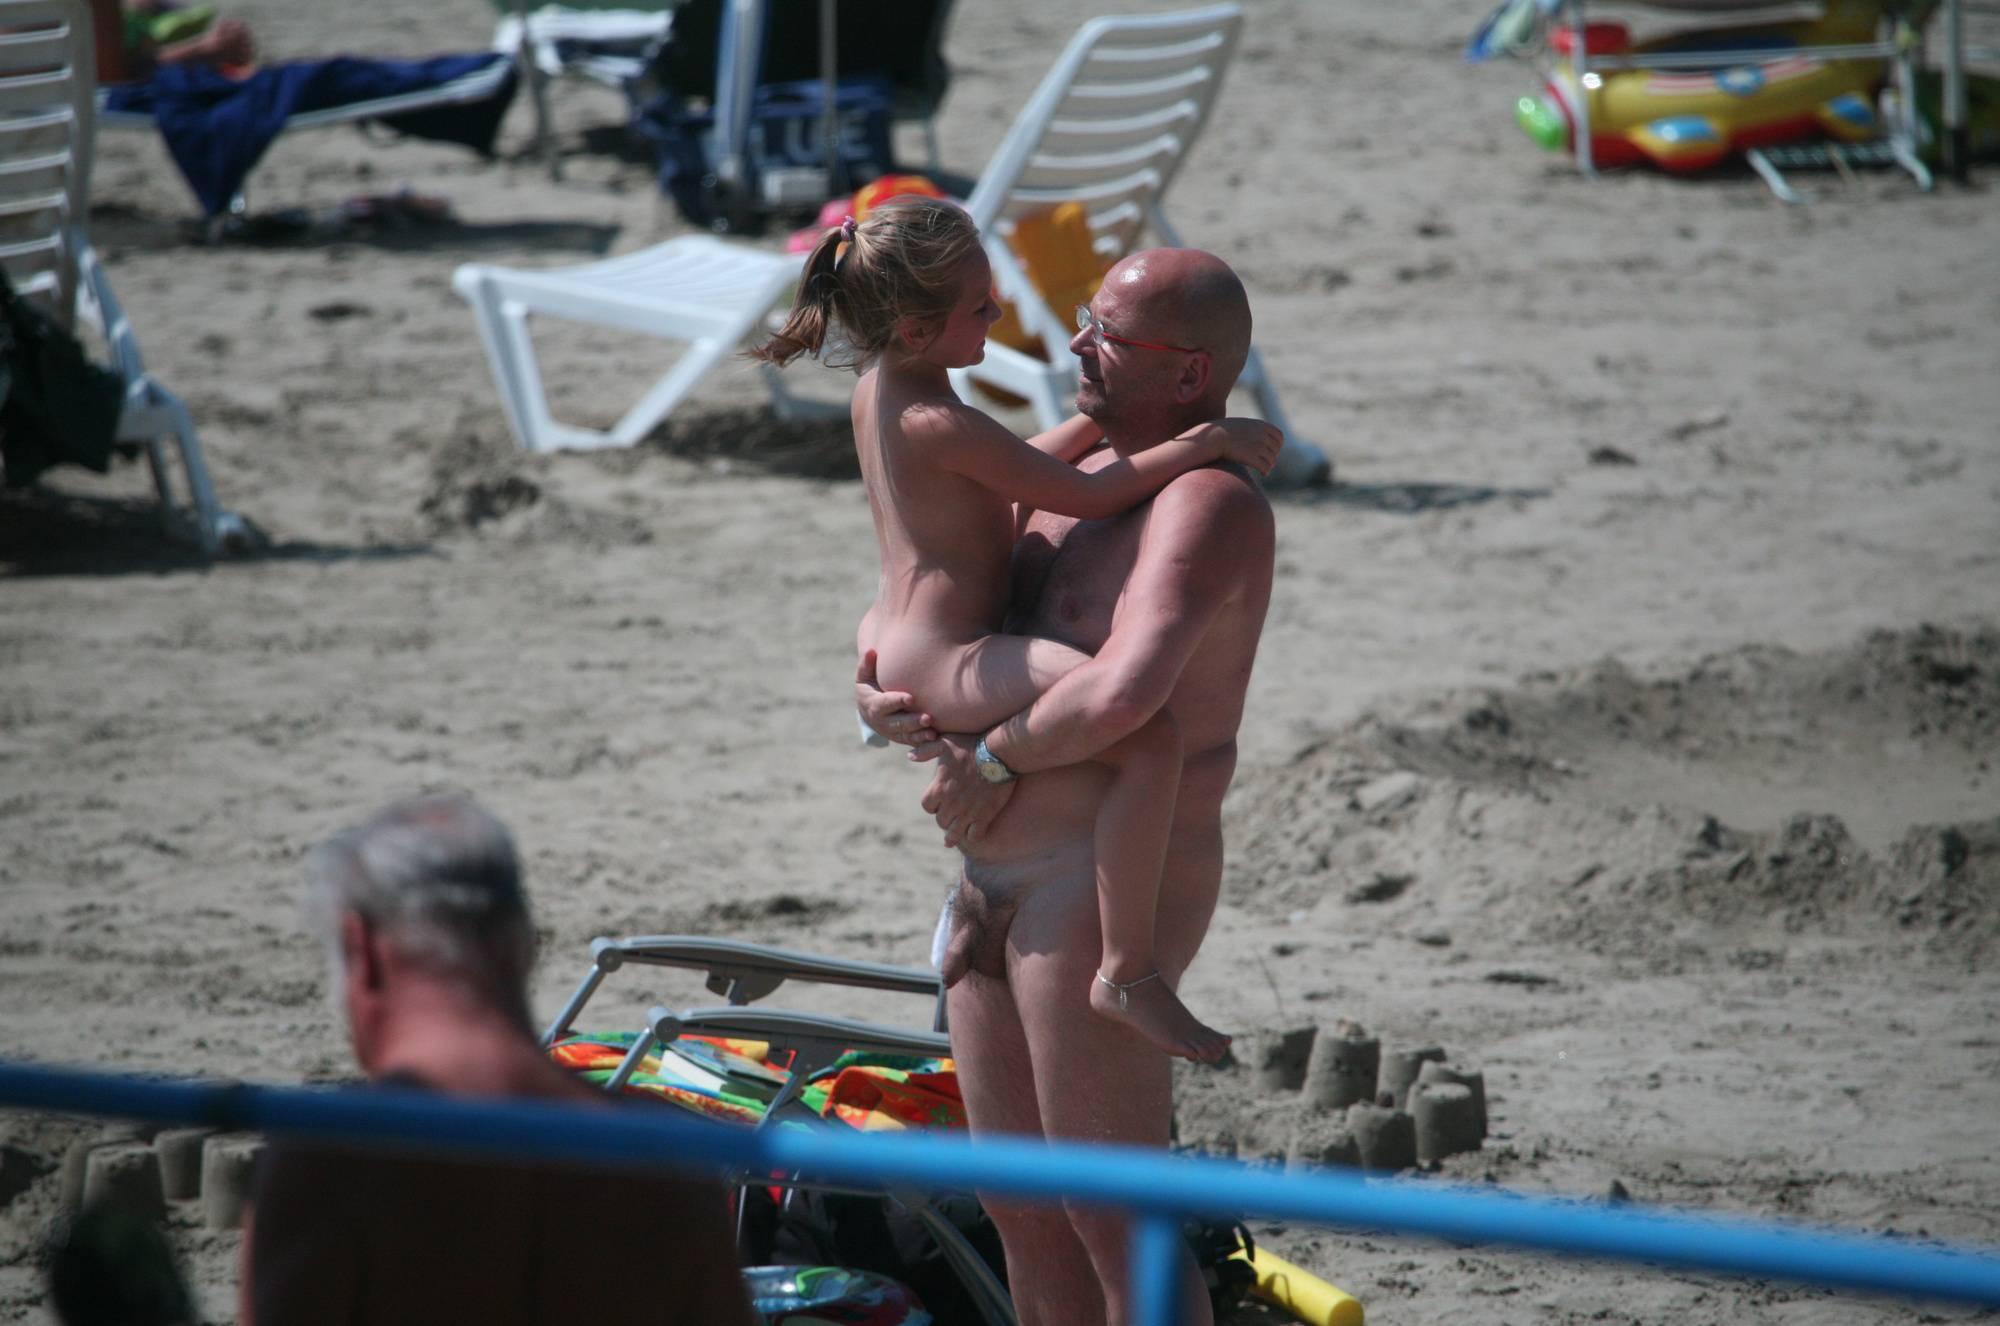 Nudist Pictures Pier Sand Square Entrance - 2